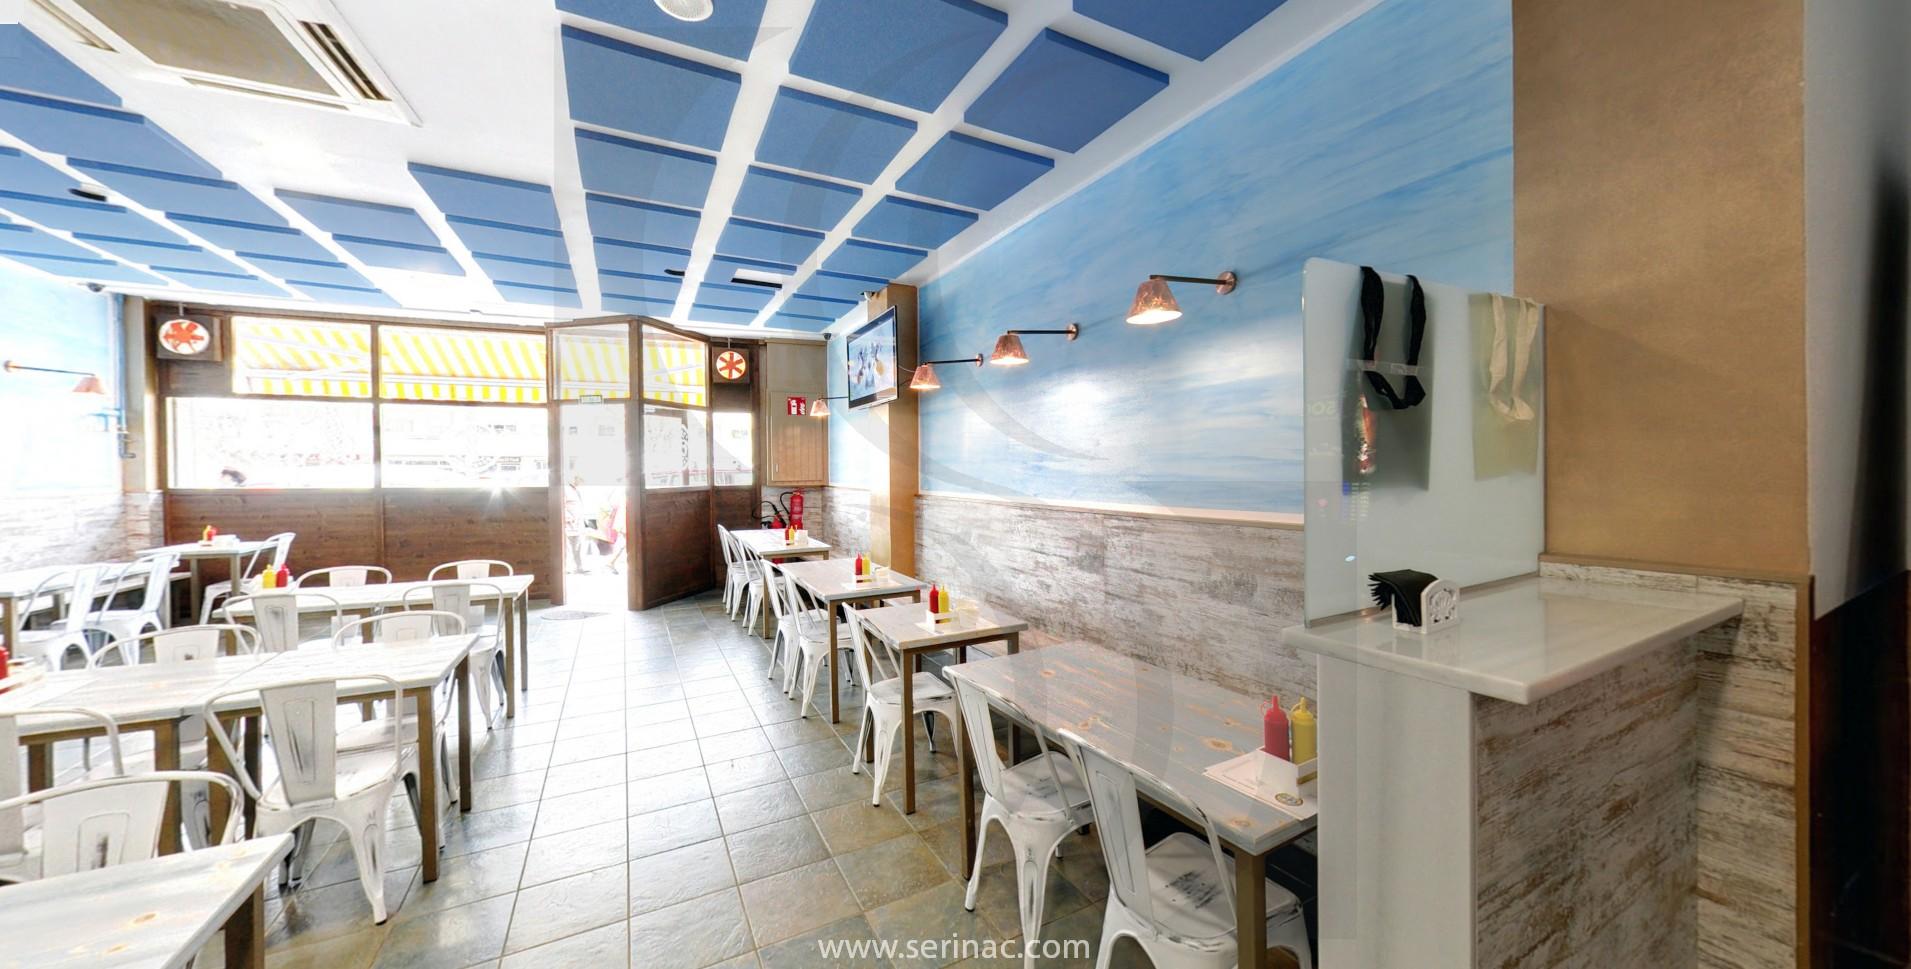 restaurante gerona reverberacion